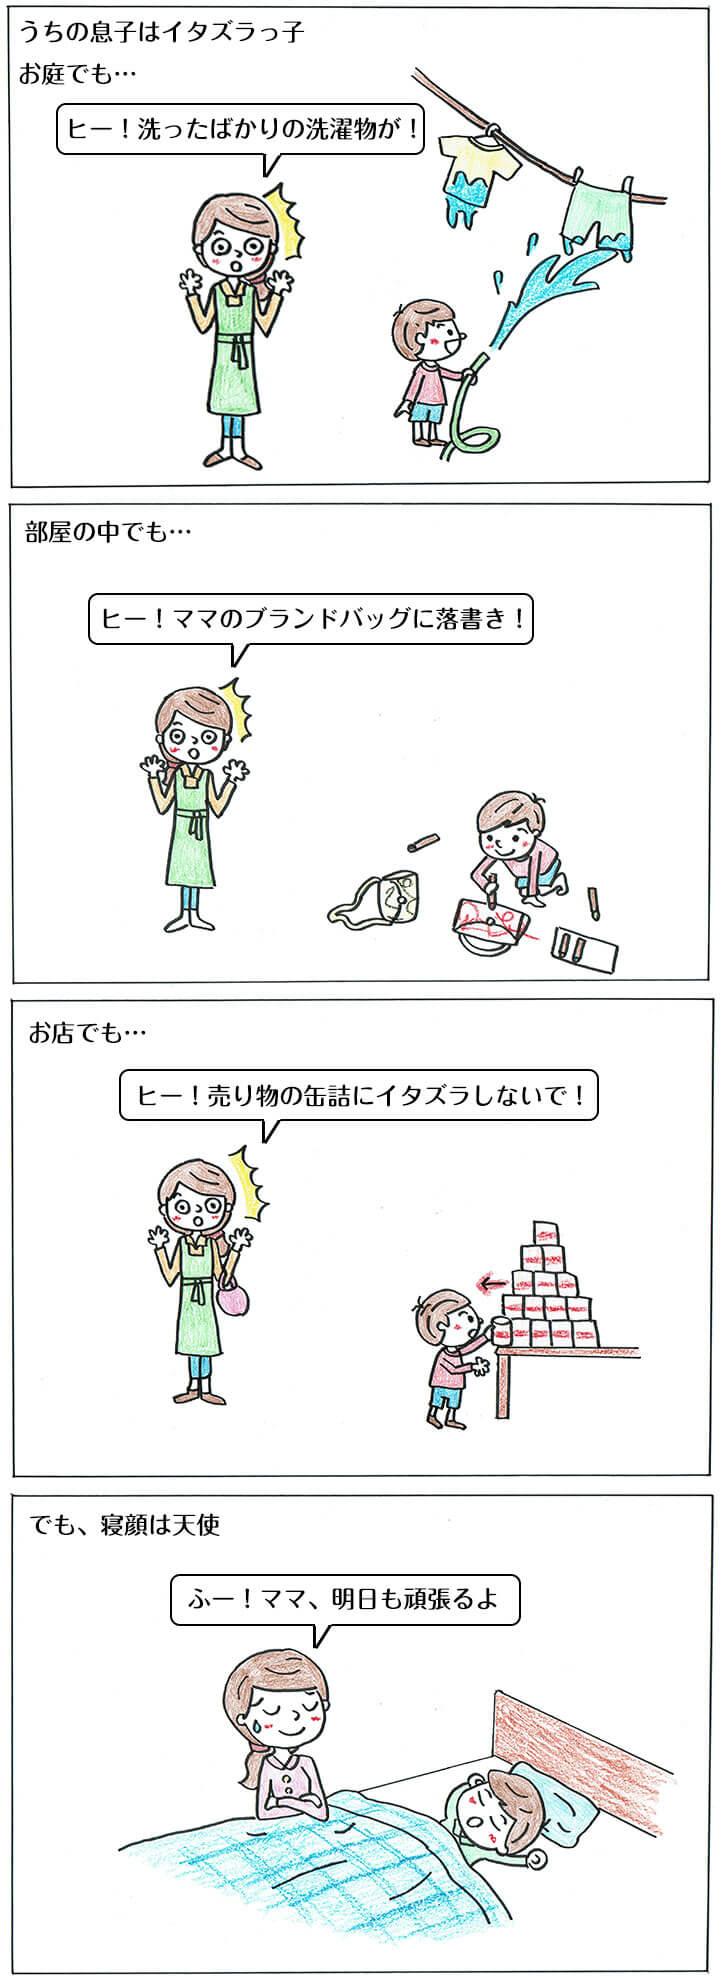 幼児のイタズラの子育て4コマ漫画